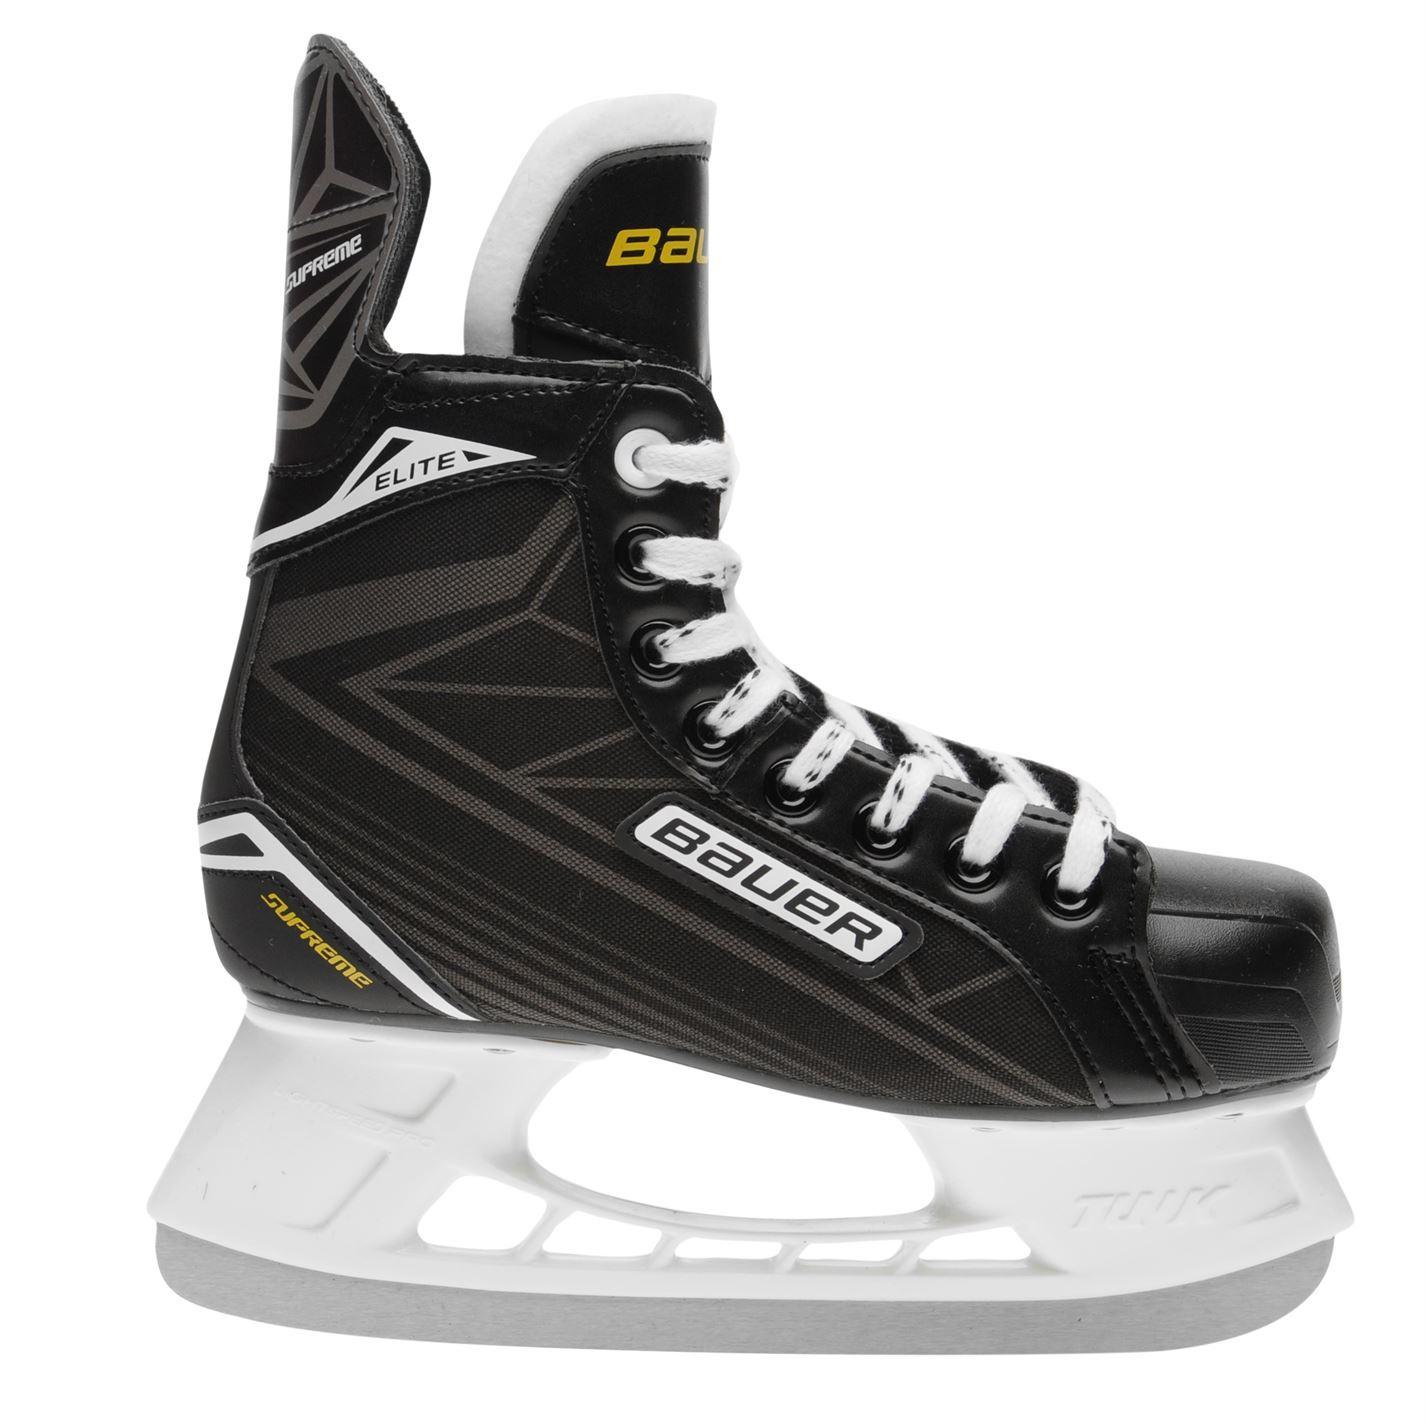 Amazon.com: bauer skates